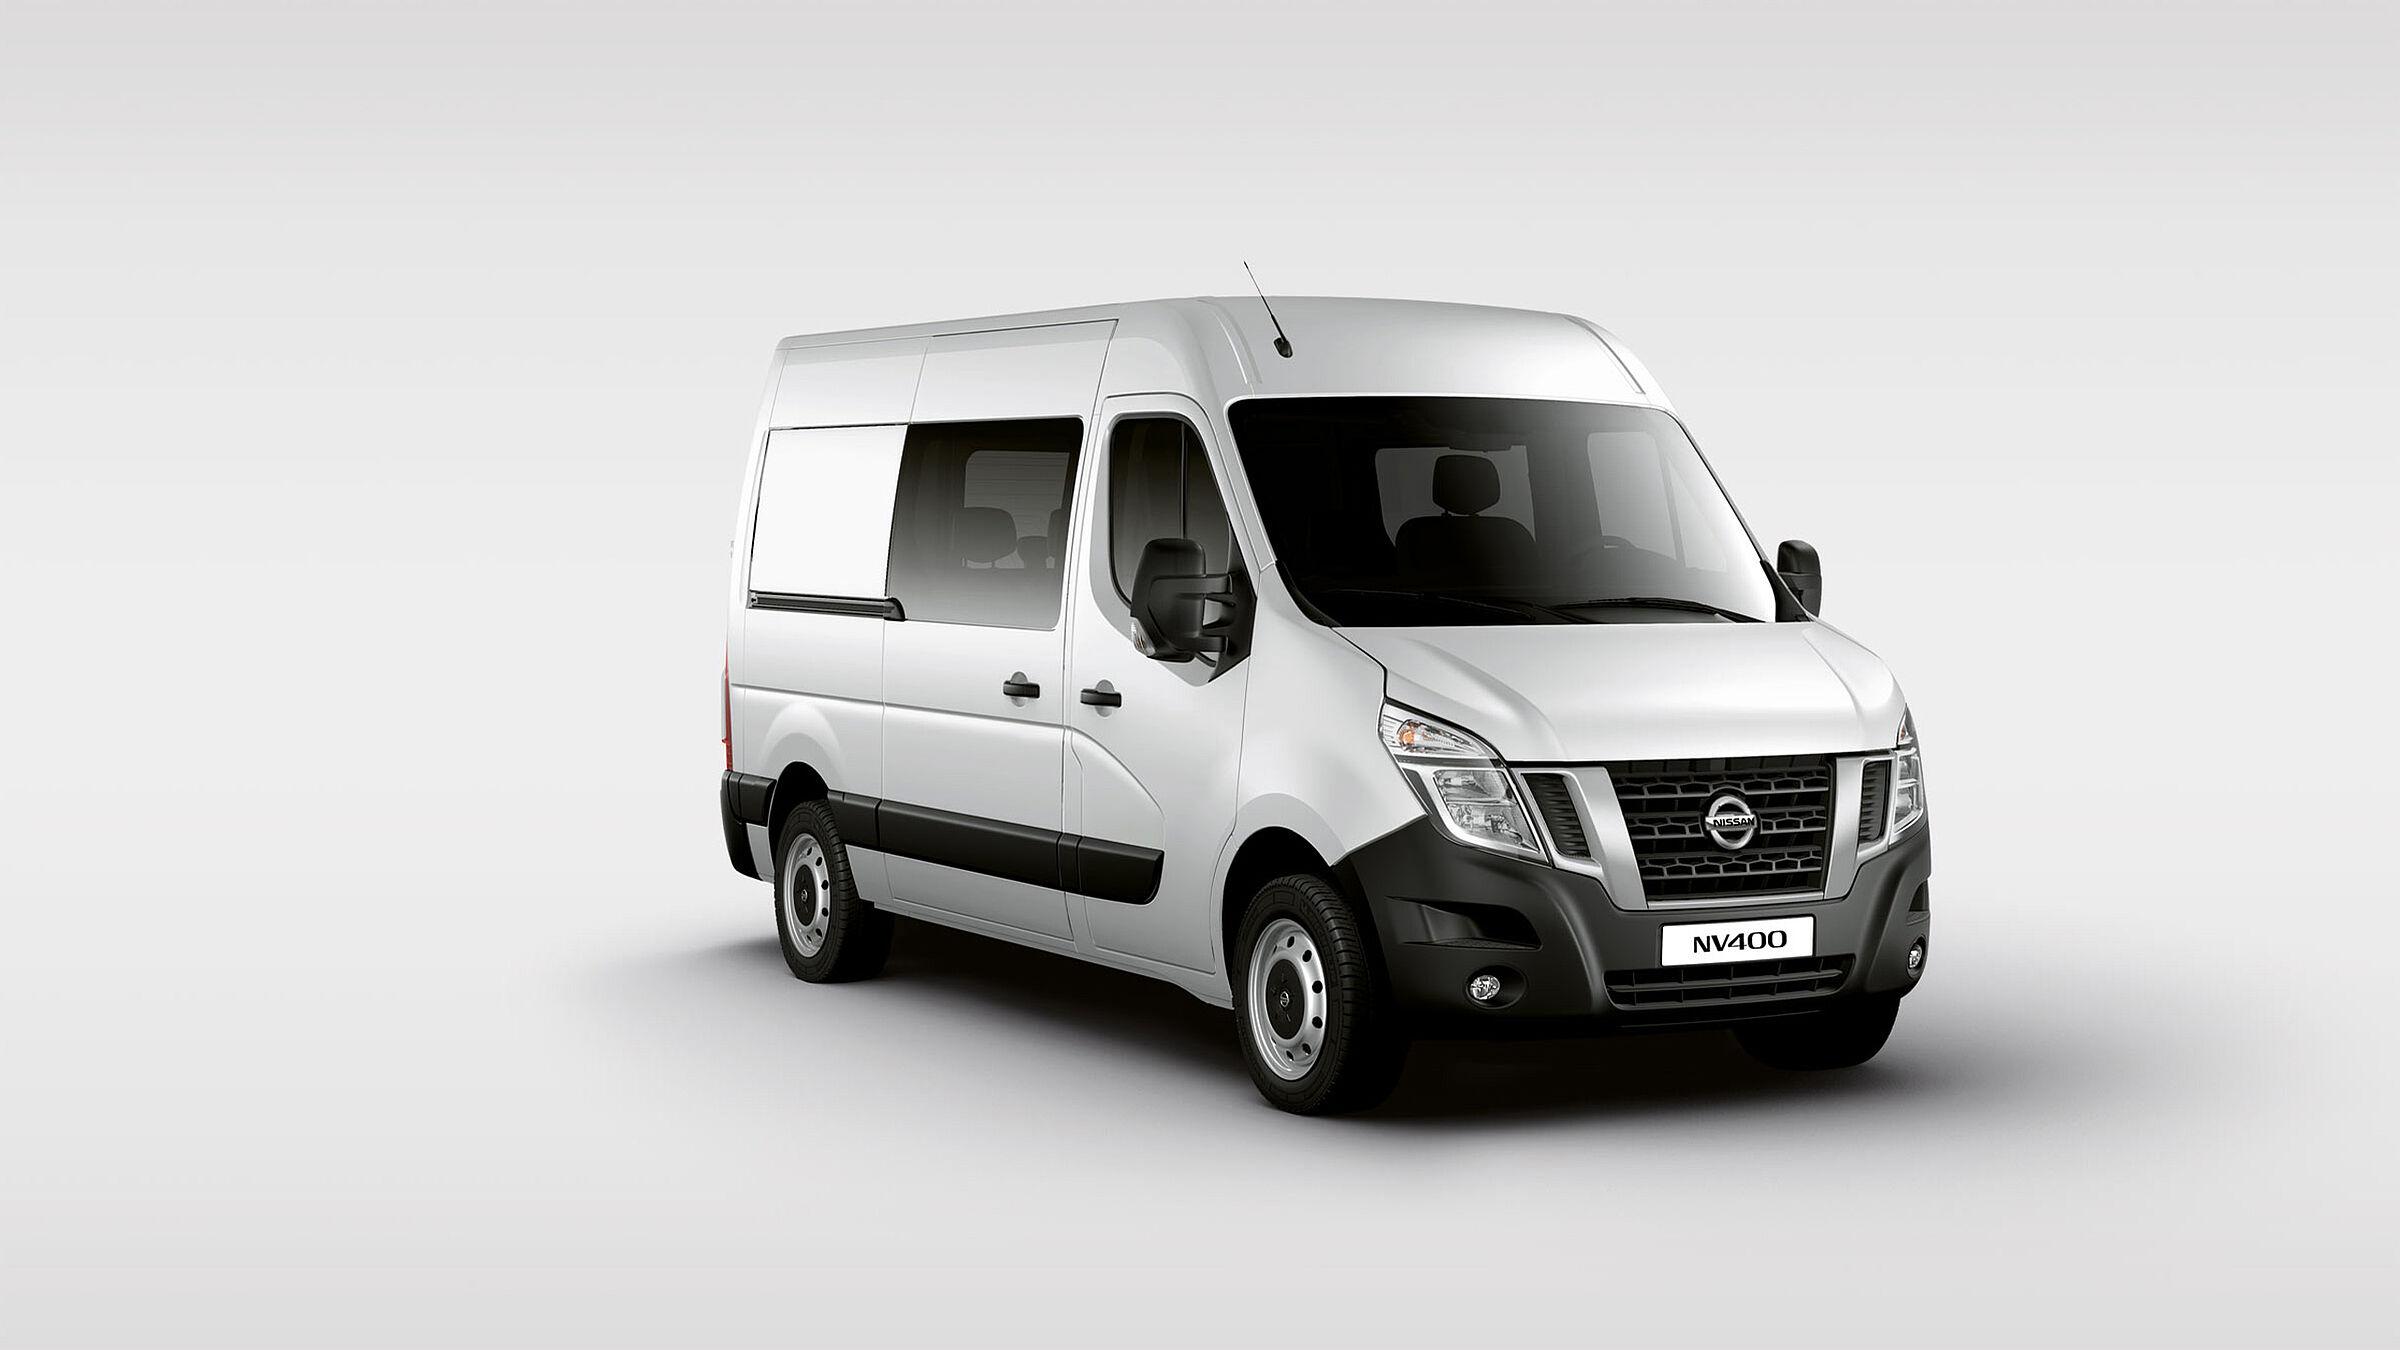 Nissan NV400 Doppelkabine Autozentren P&A-Preckel